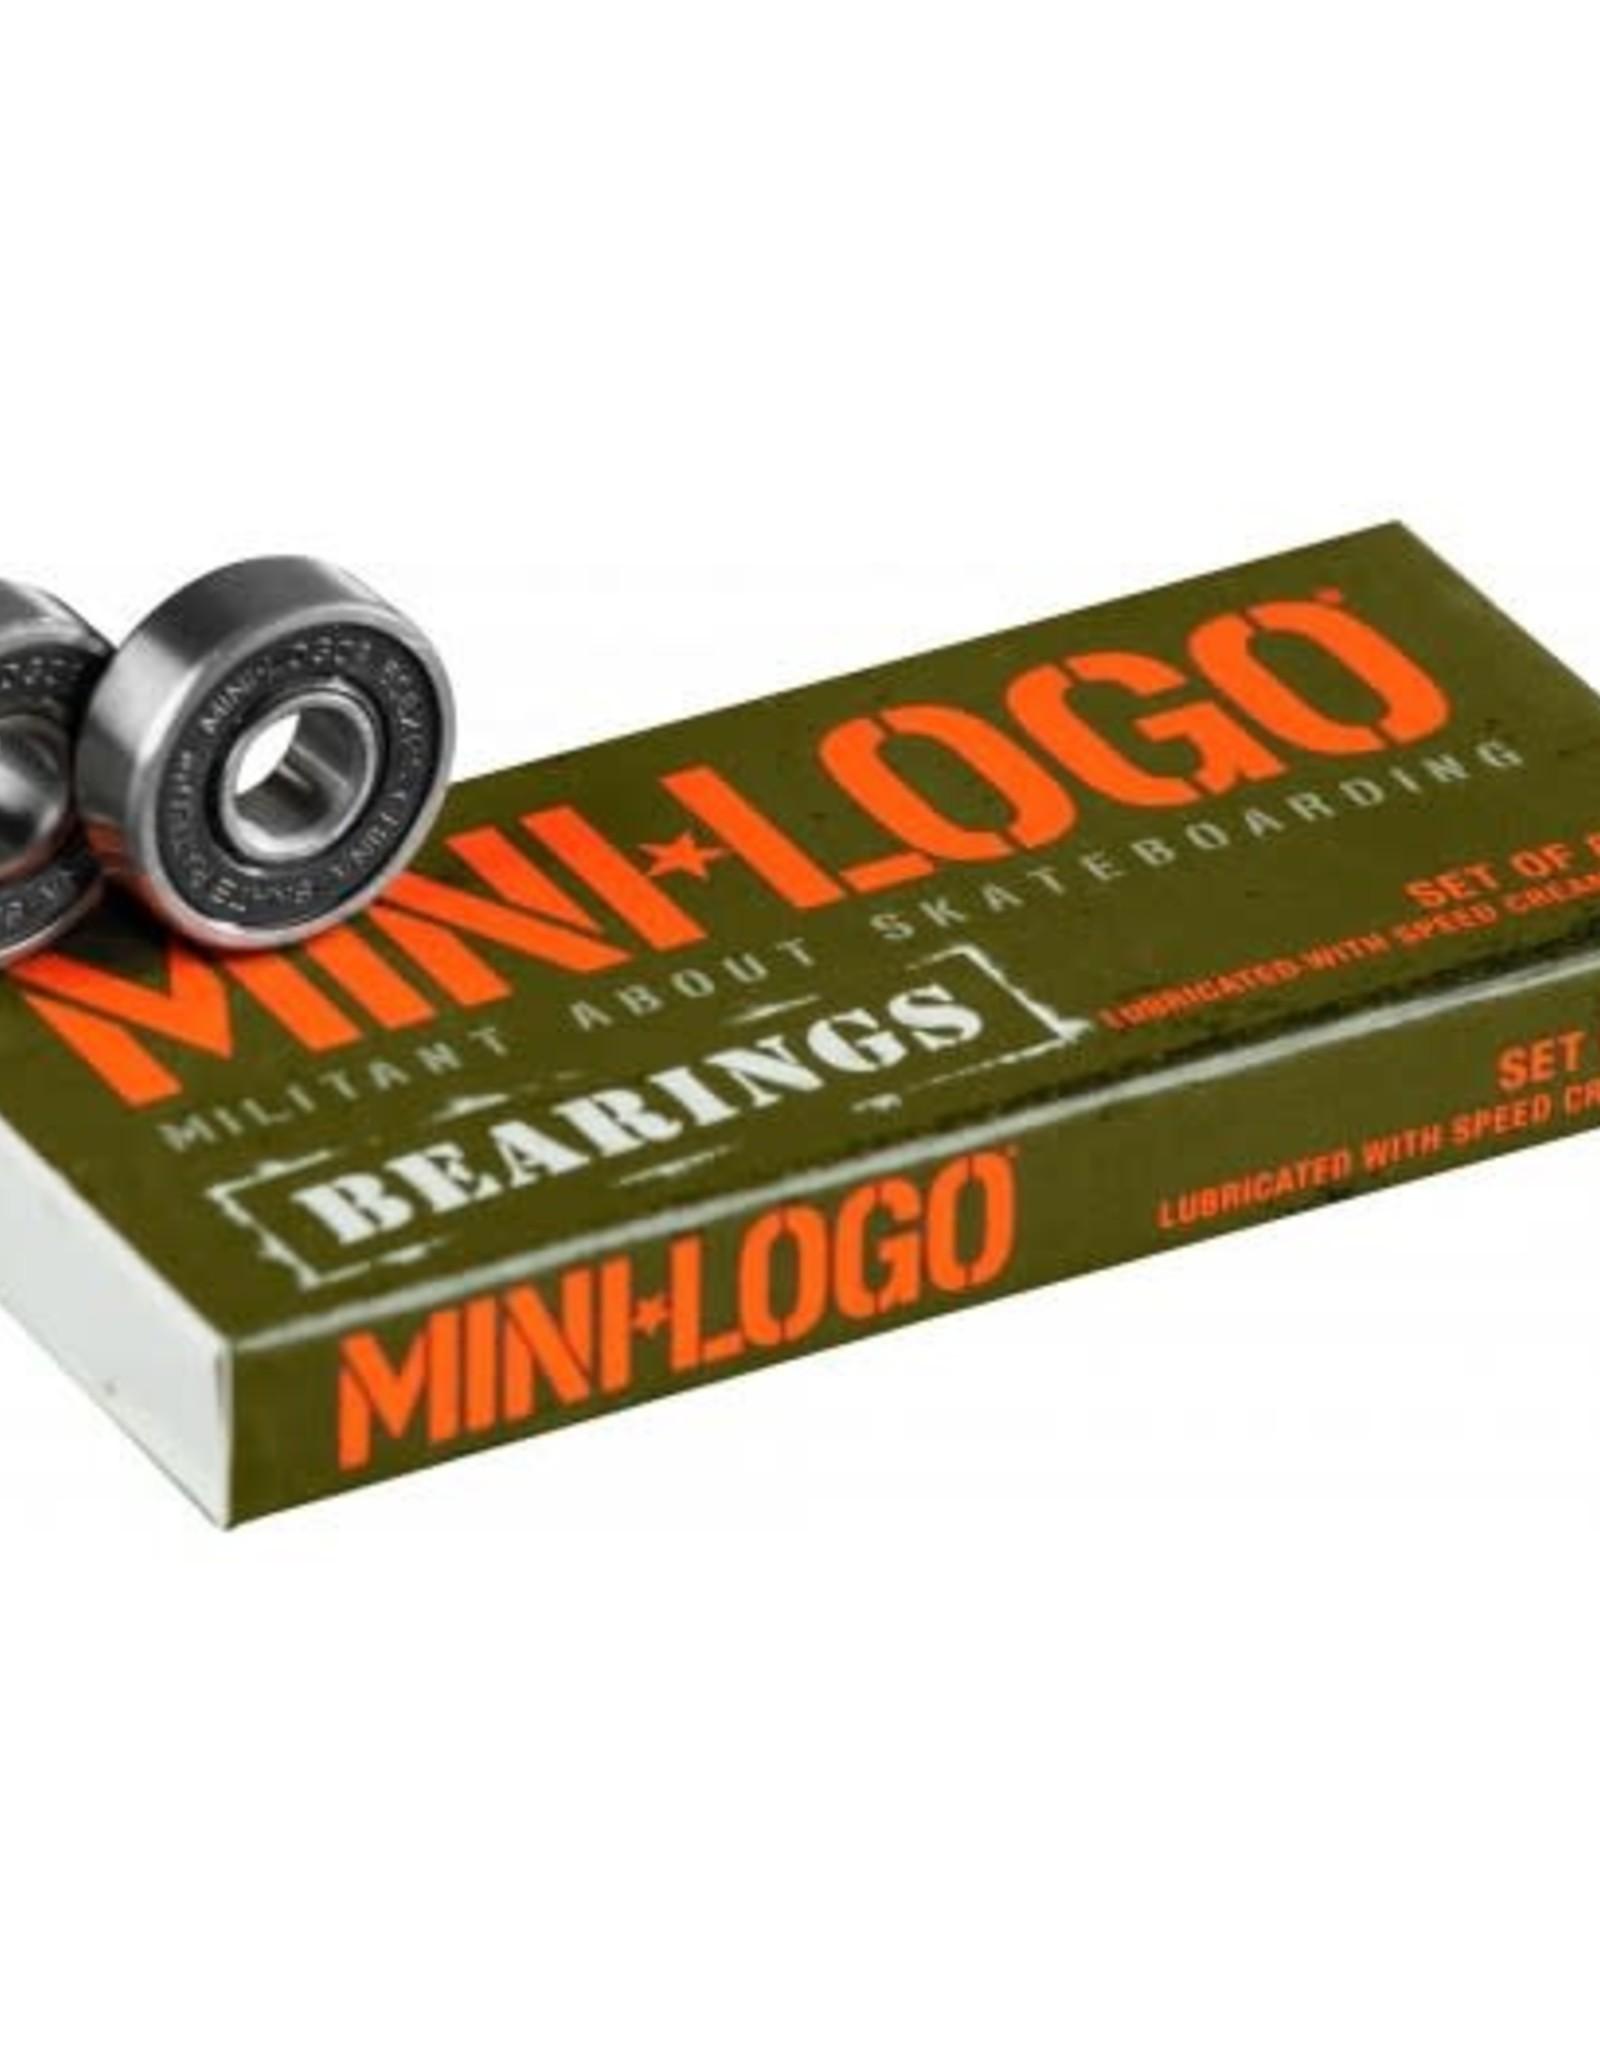 MINI MINI LOGO BEARINGS (single box set of 8)